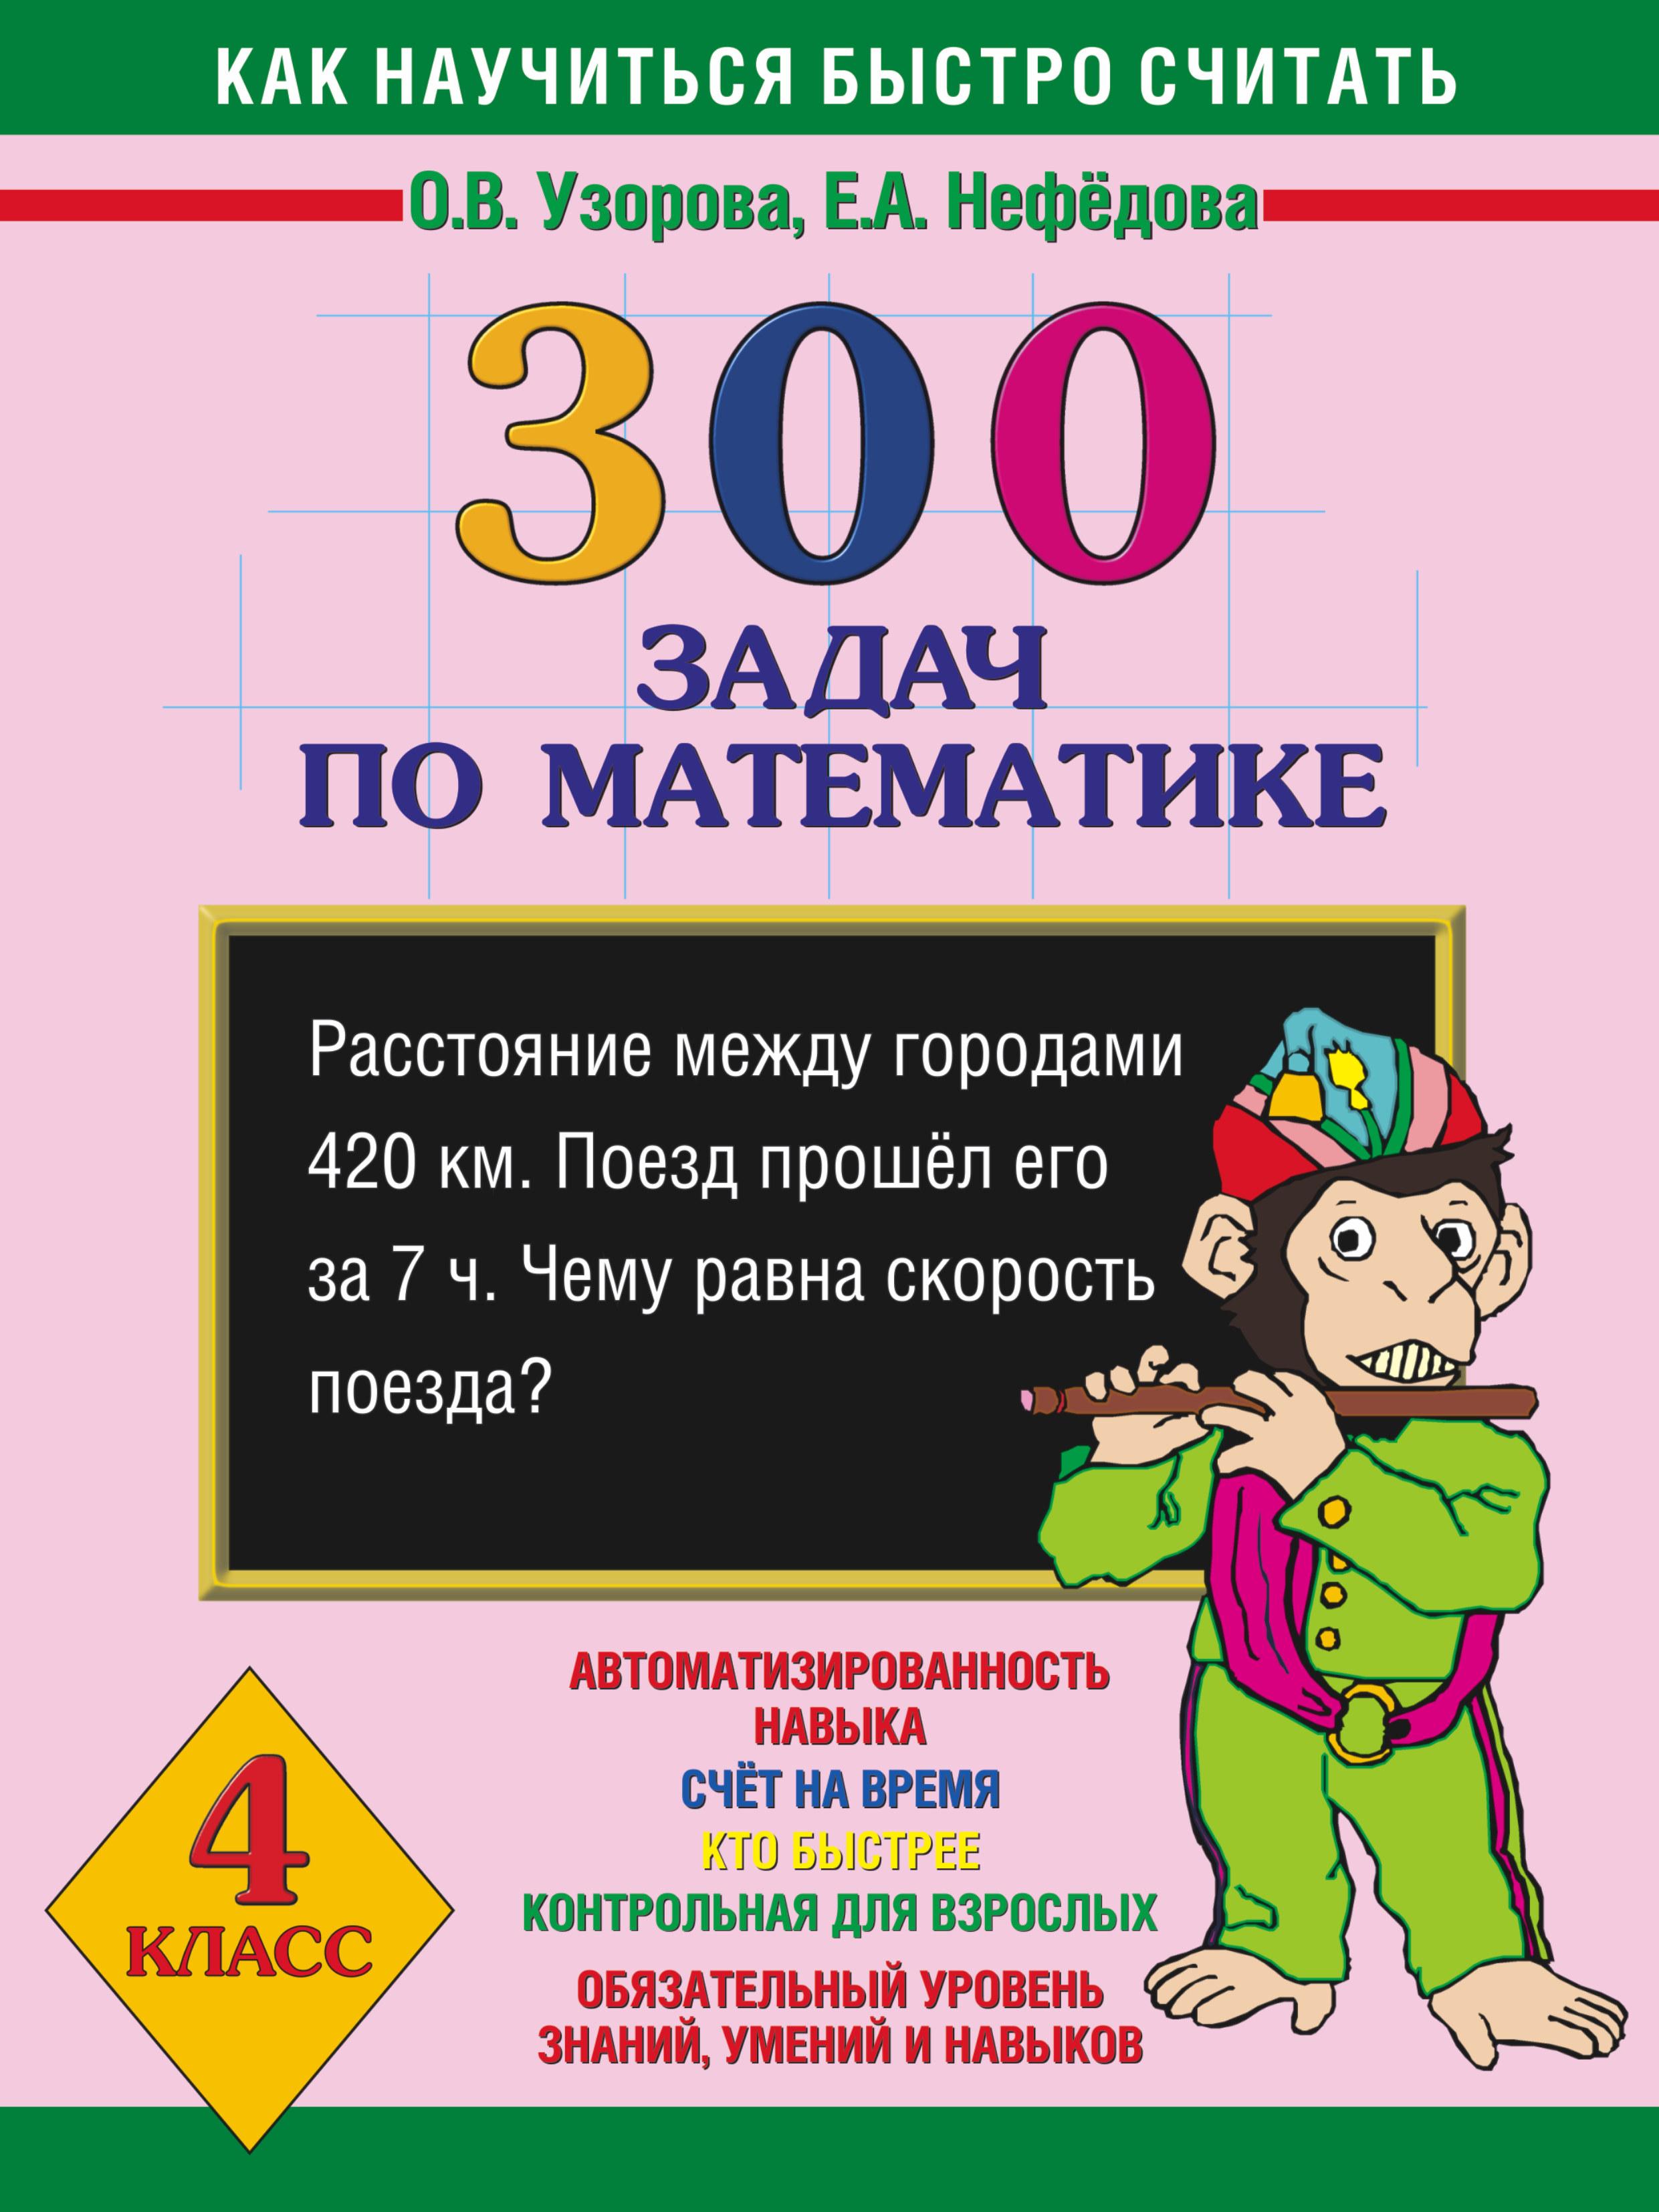 О. В. Узорова, Е. А. Нефёдова Математика. 4 класс. 300 задач о в узорова е а нефёдова математика 4 класс 300 задач